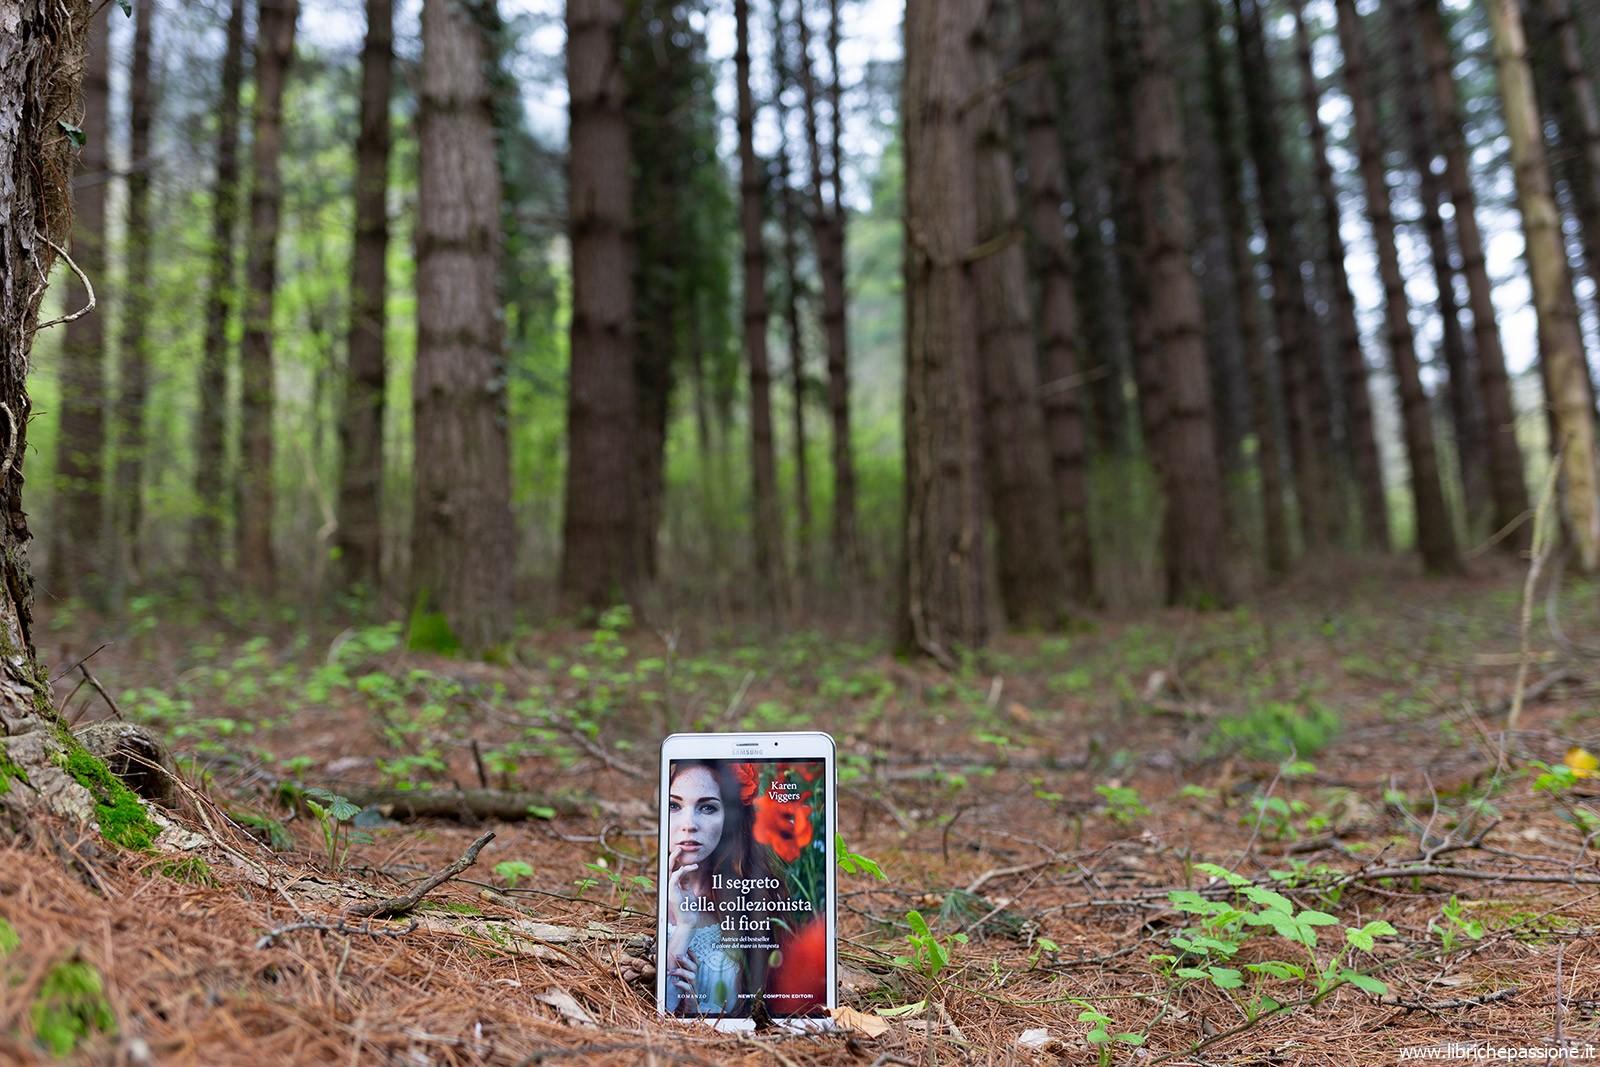 """Recensione del romanzo"""" Il segreto della collezionista di fiori"""", autrice Karen Viggers, edito Newton Compton"""